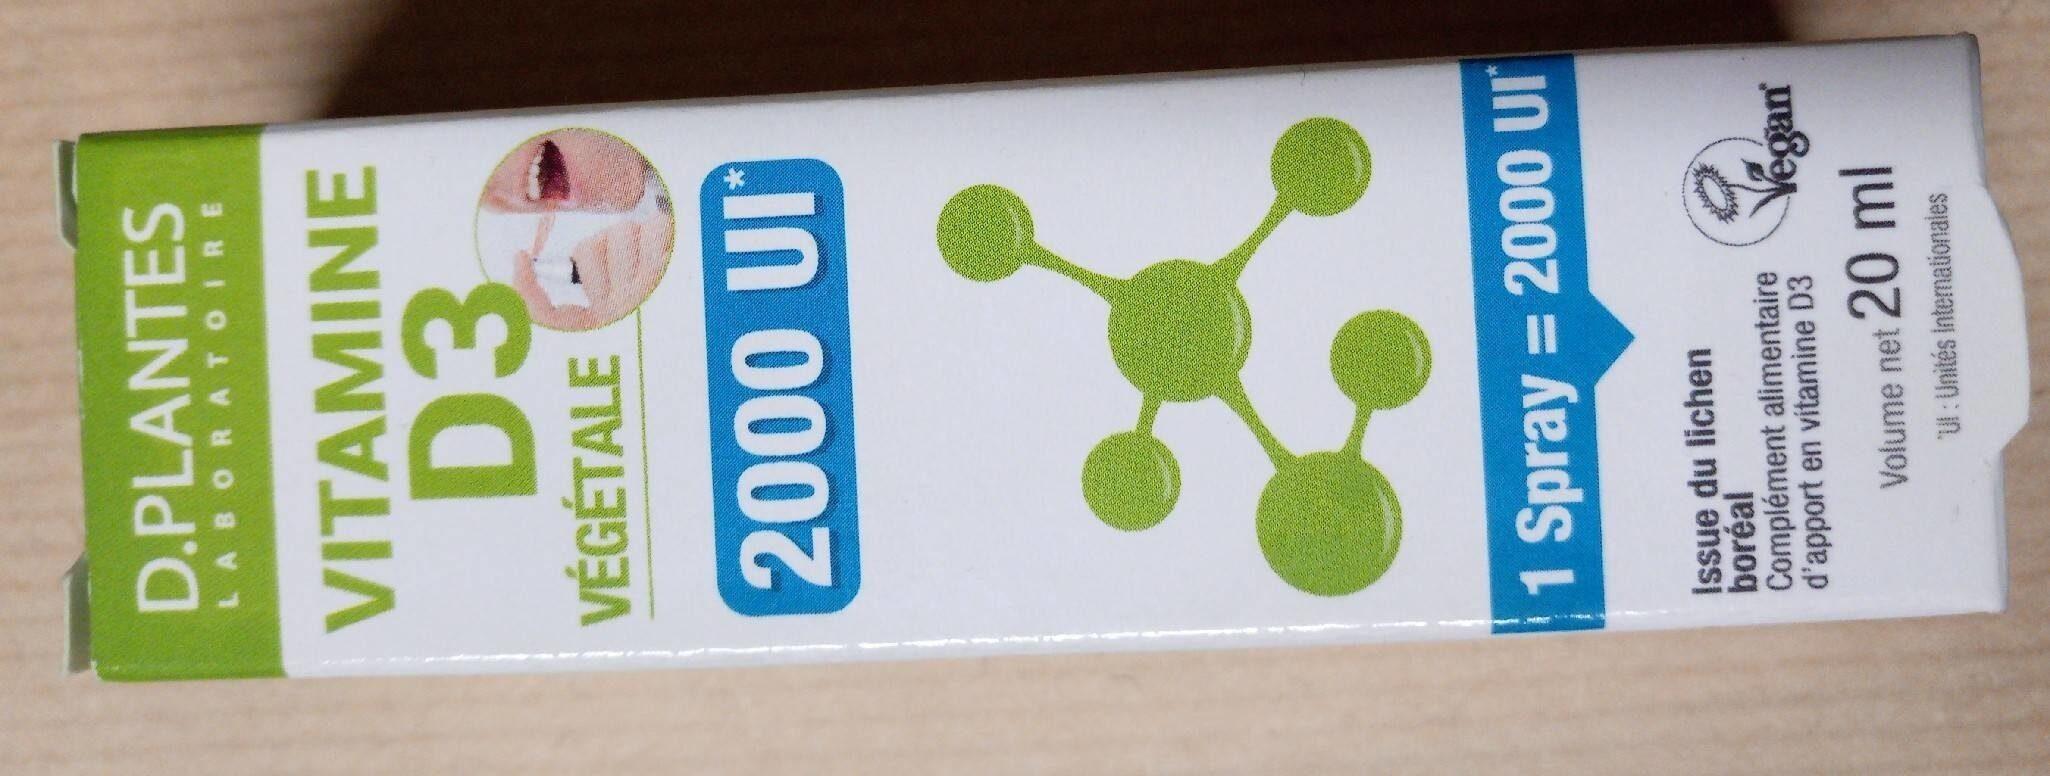 Vitamine D3 végétale - Product - fr